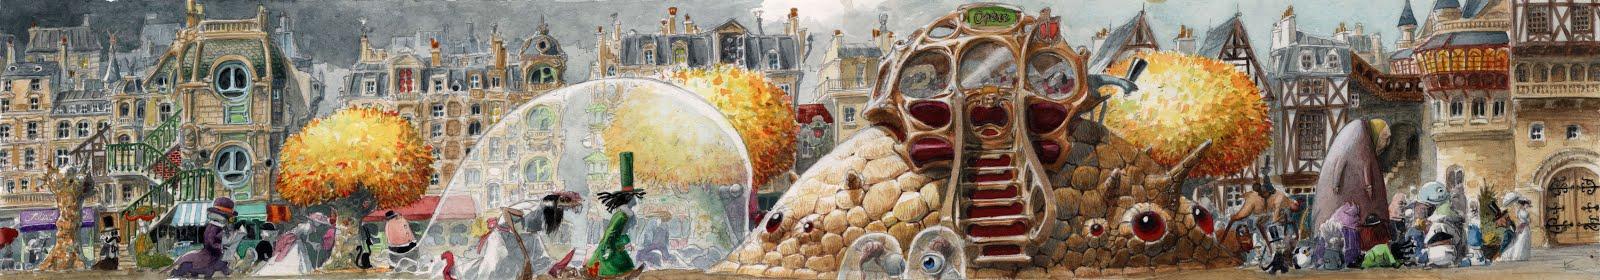 Les monstres de Paris